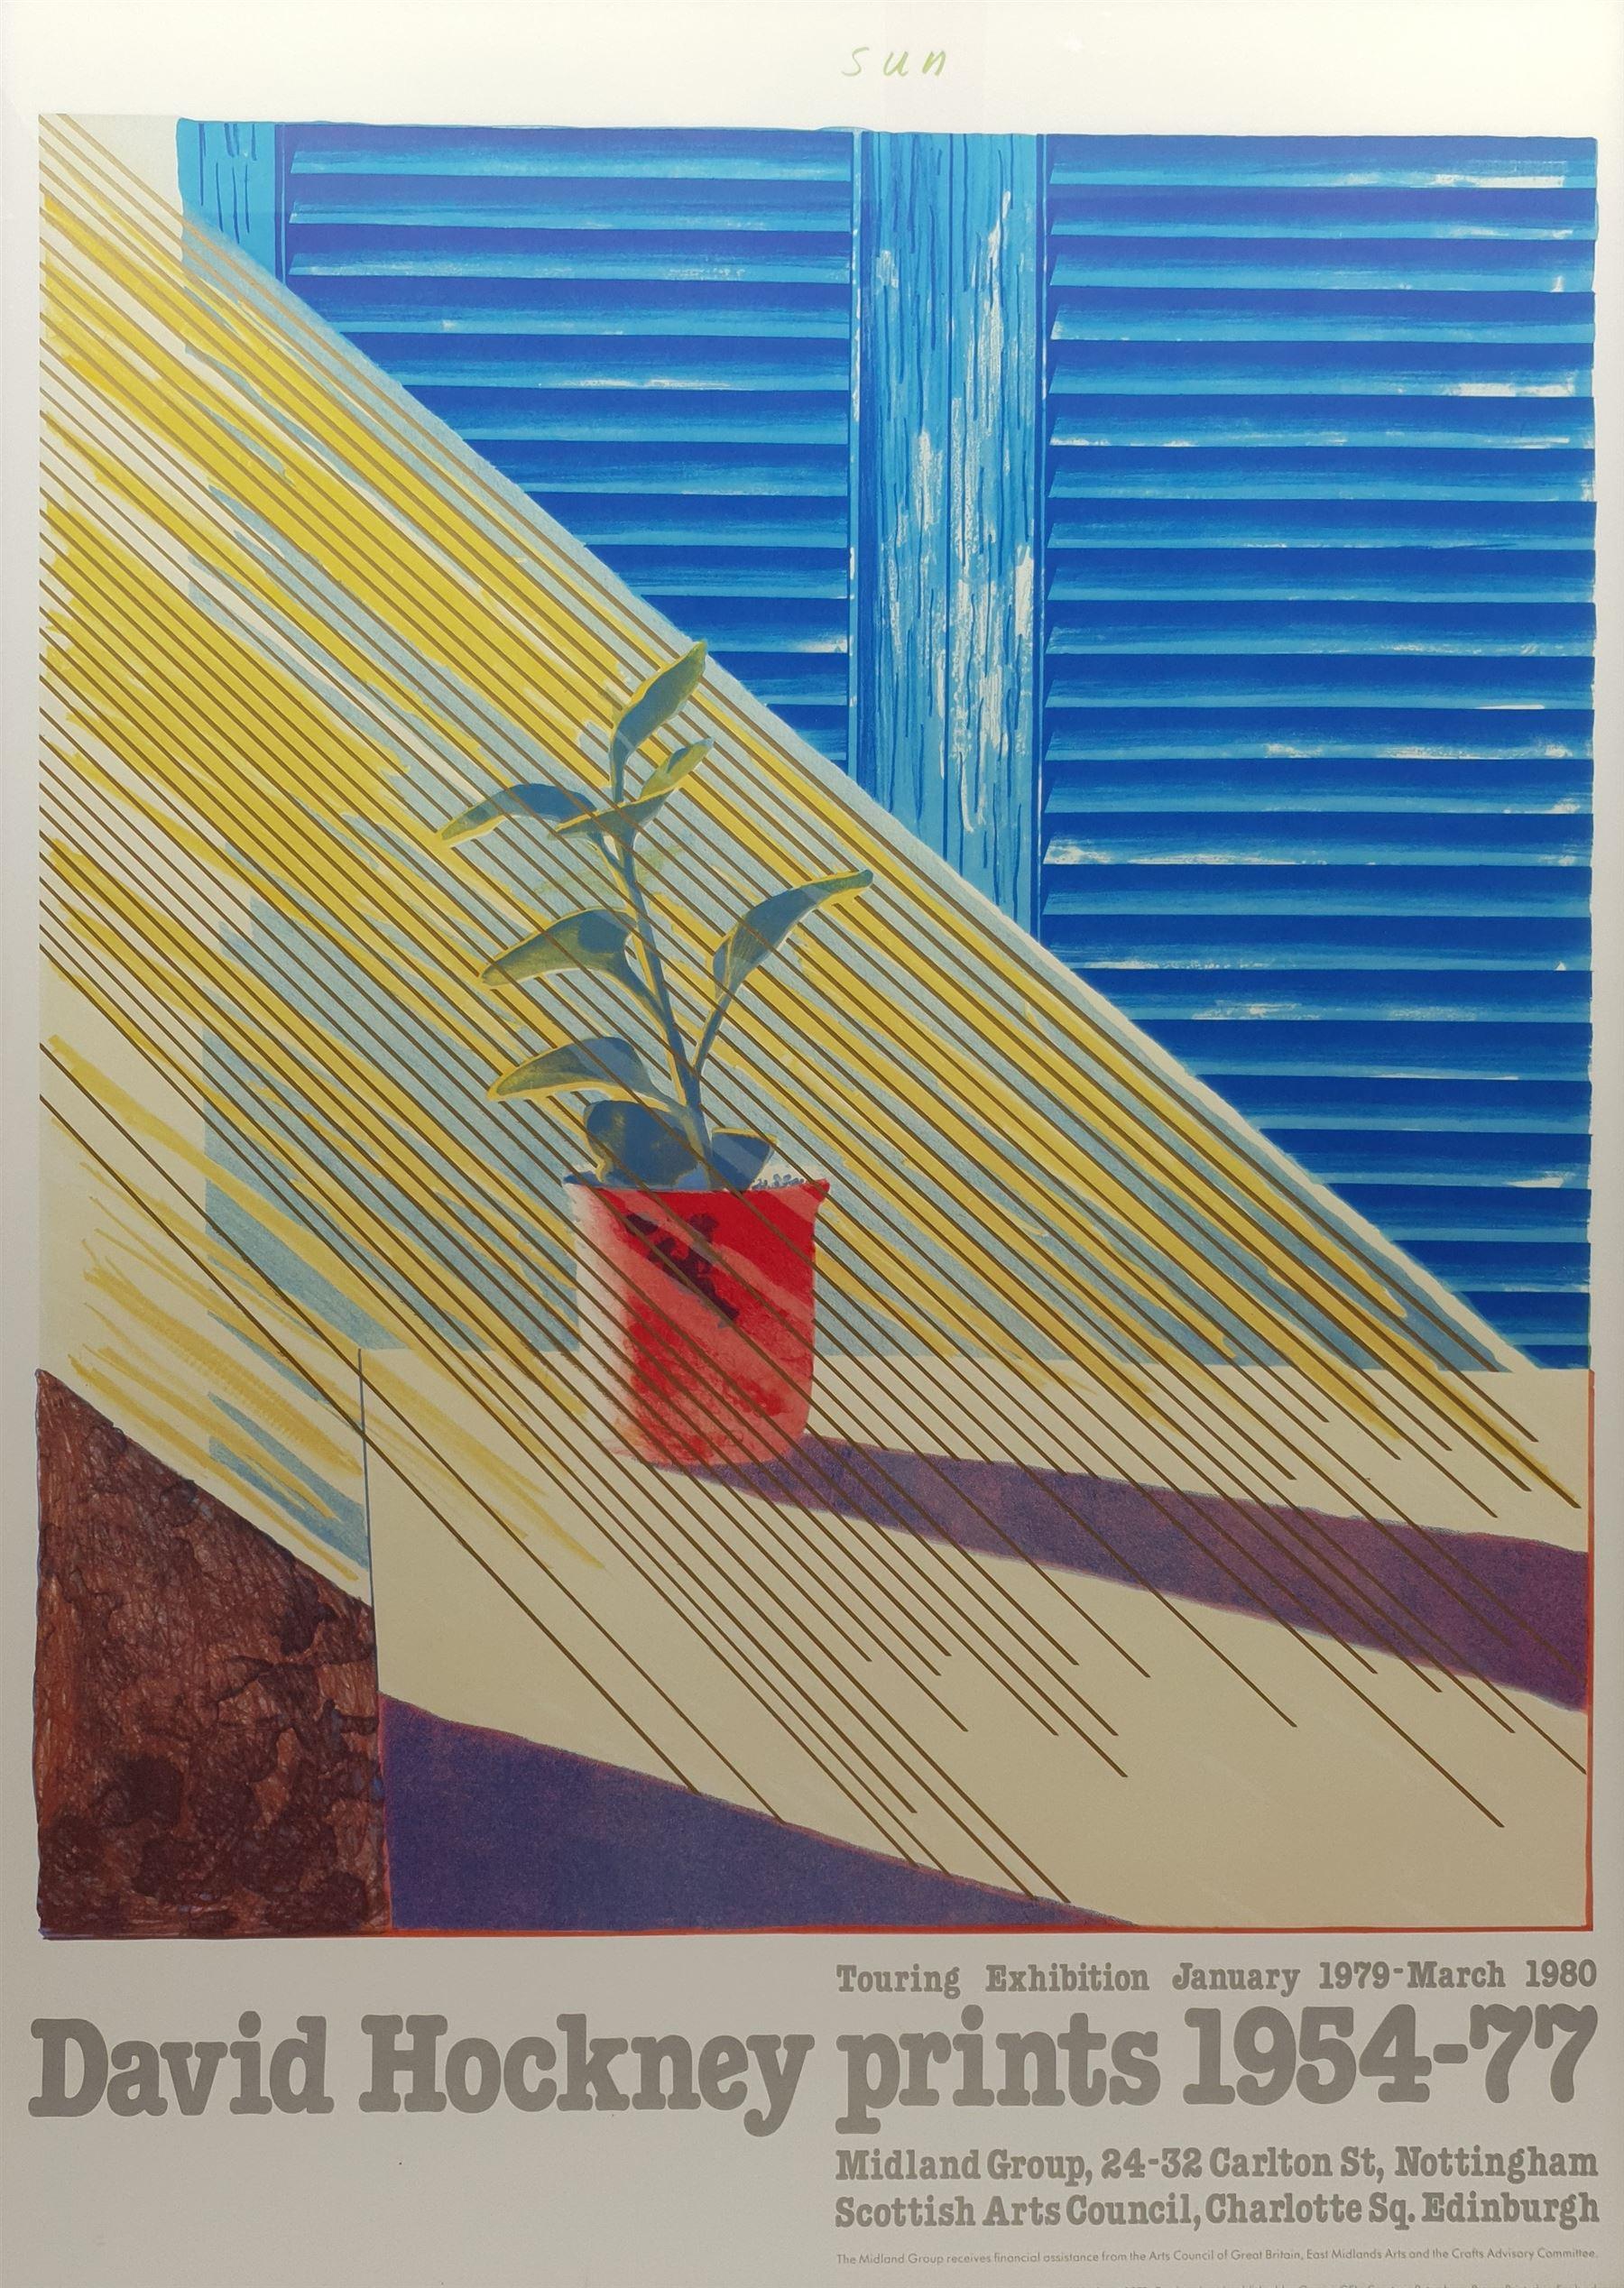 After David Hockney (British 1937-): 'Sun - David Hockney prints 1954-77'